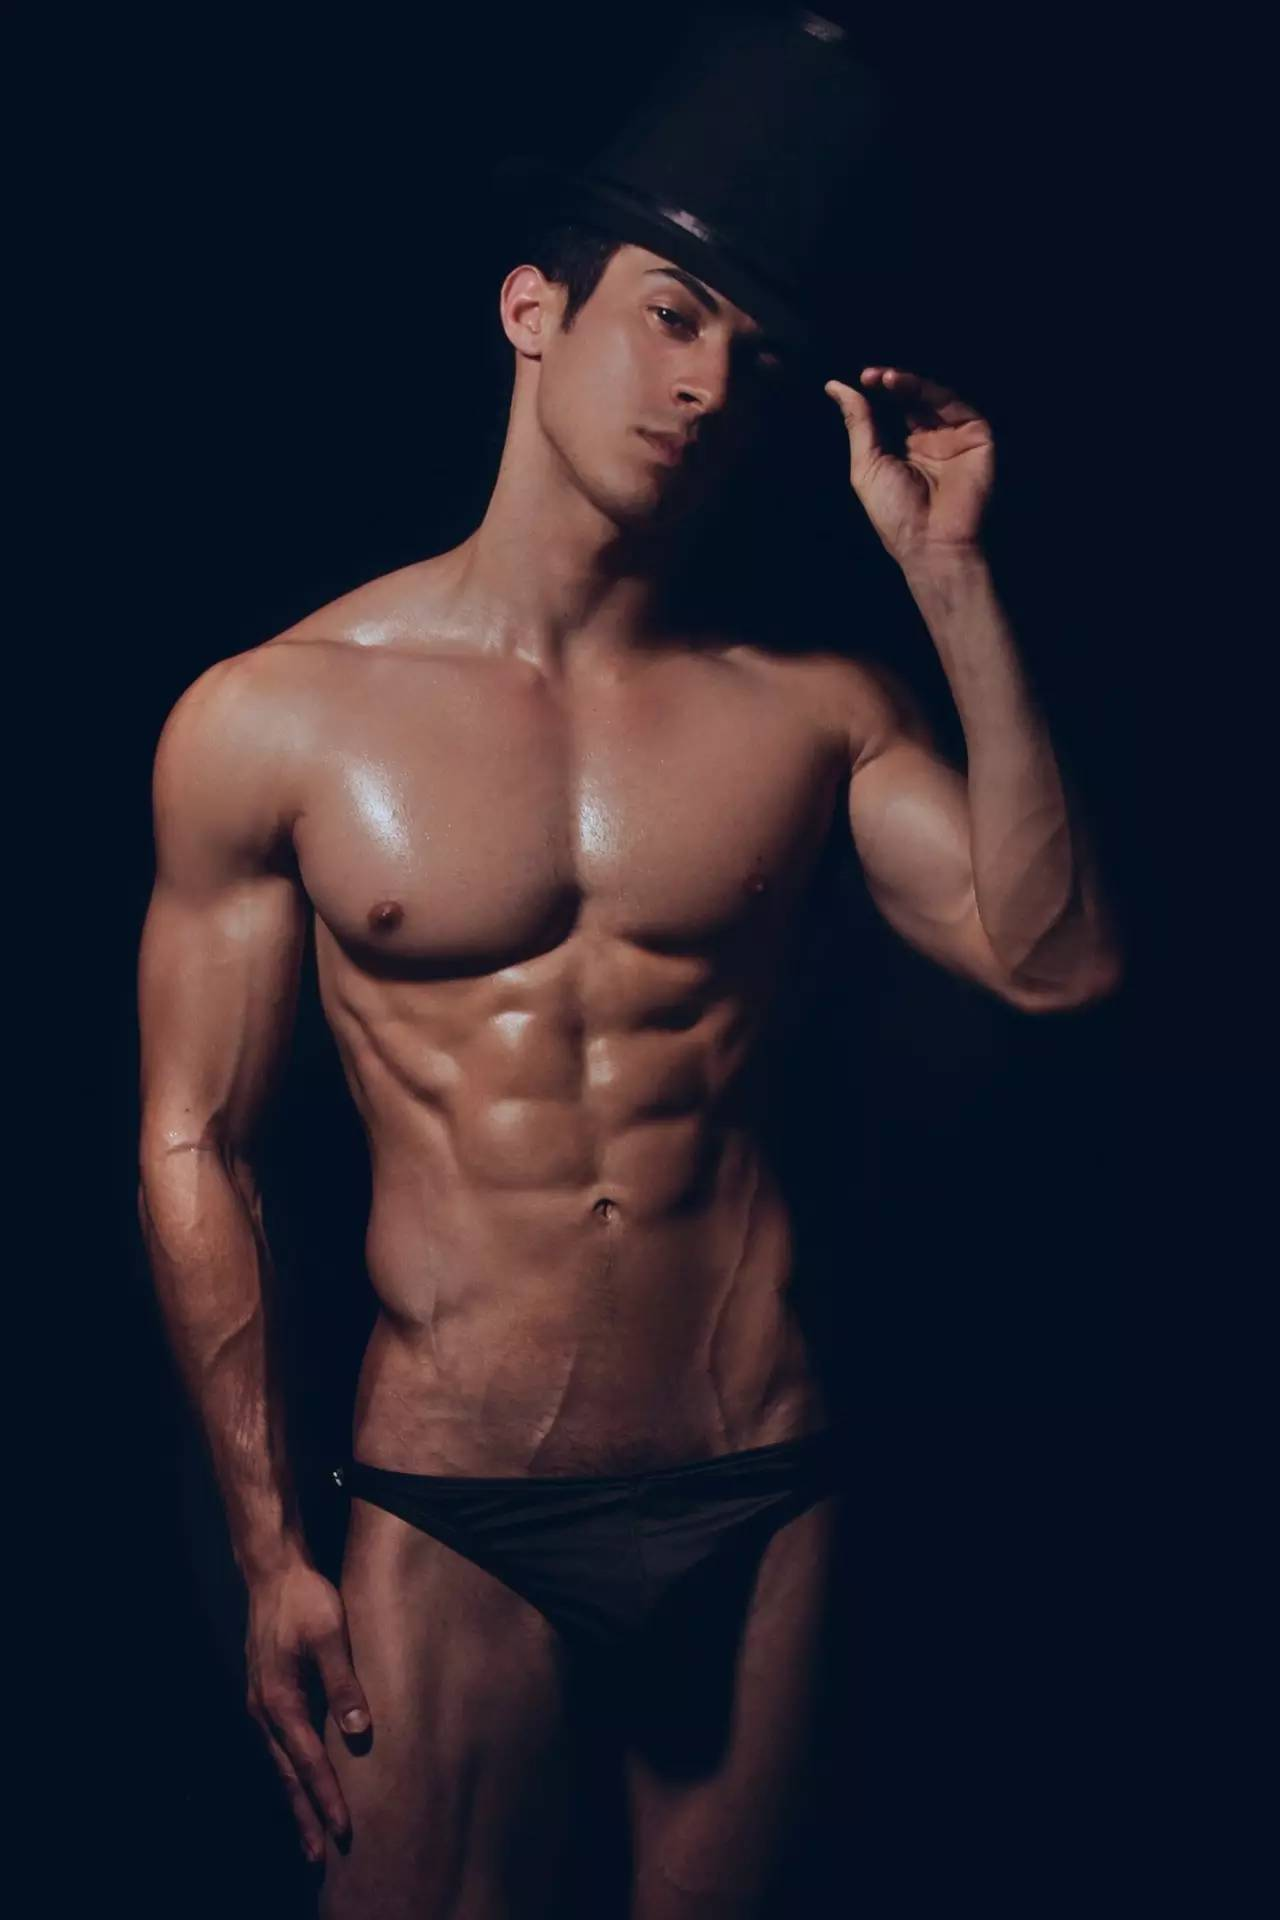 Nude pics Transgender pantyhose